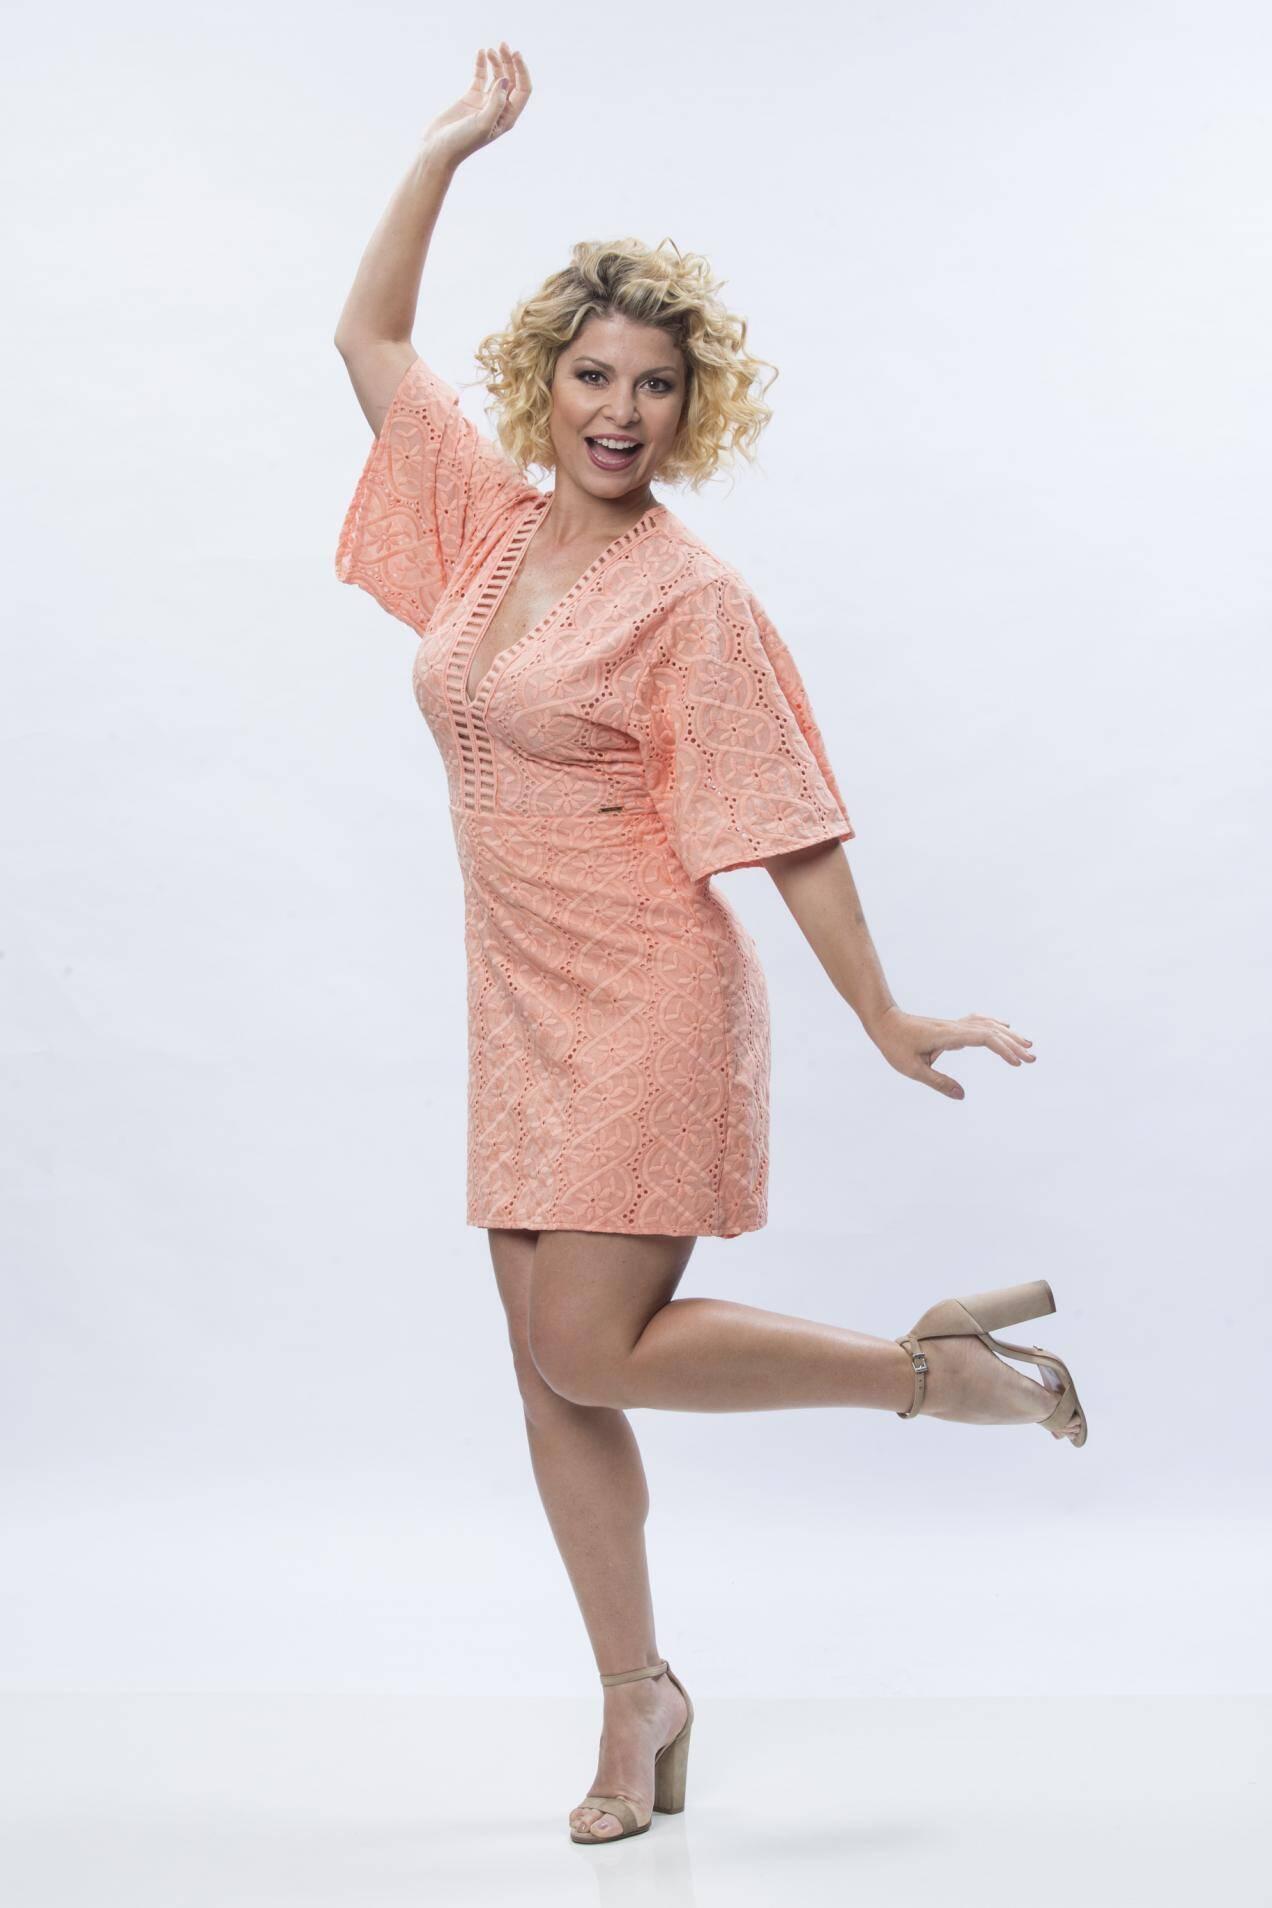 Bárbara Borges, atriz, 38 anos. Foto: Divulgação